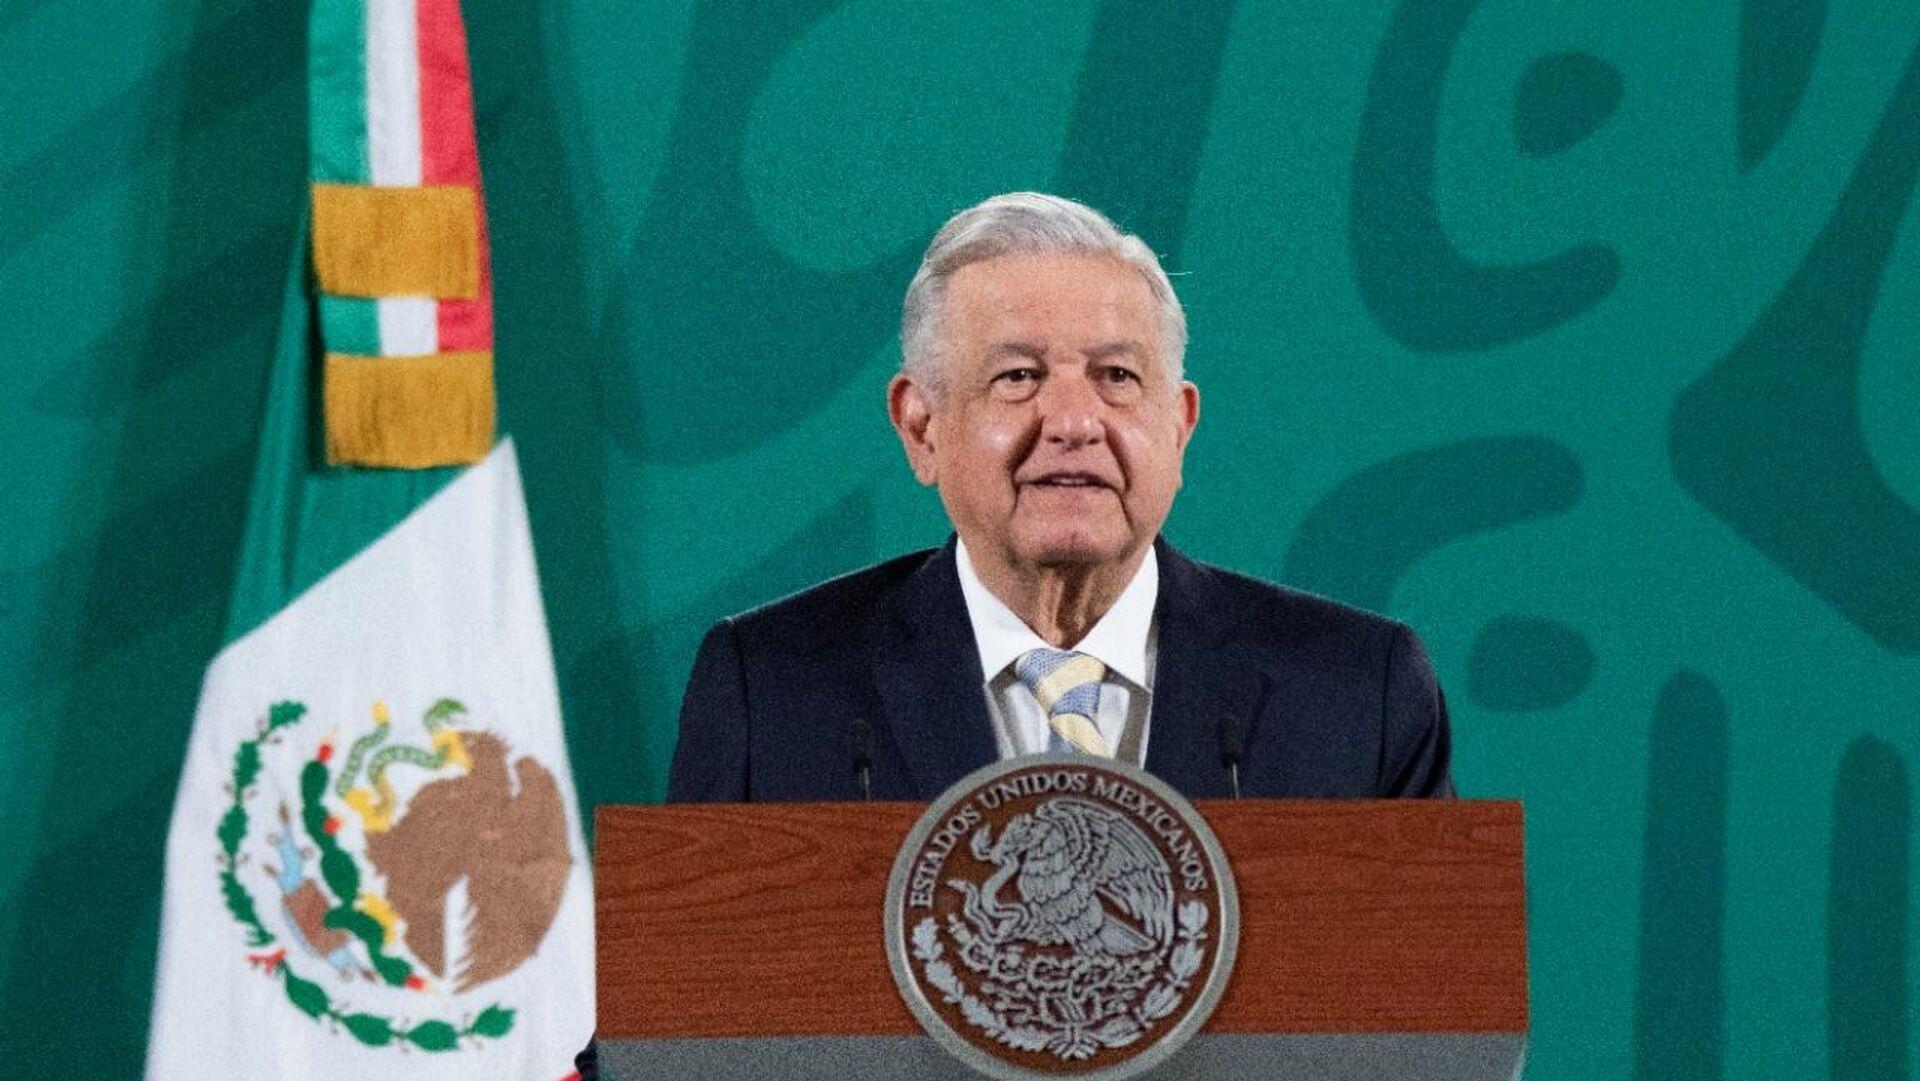 Andrés Manuel López Obrador, presidente de México  - Sputnik Mundo, 1920, 13.10.2021